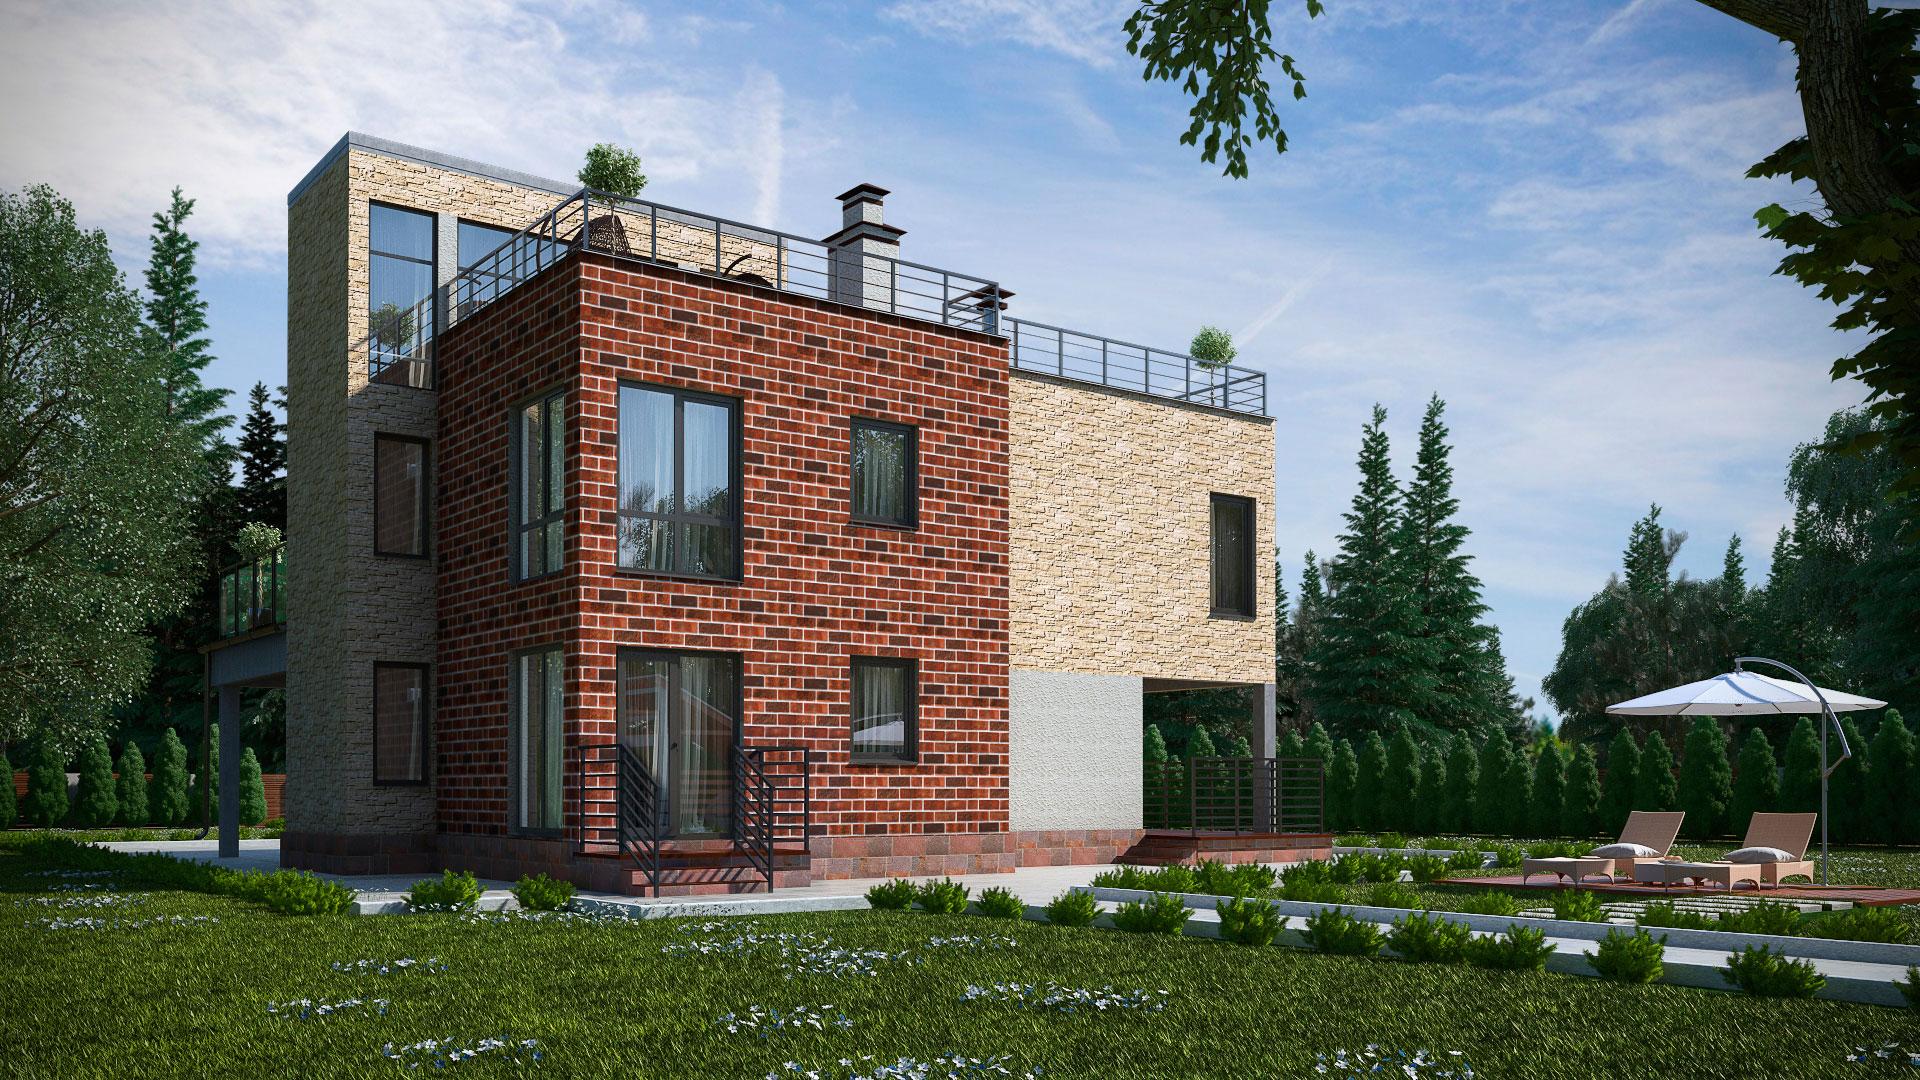 Задний фасад двухэтажного дома с эксплуатируемой крышей, проект БЭНПАН МС-247.